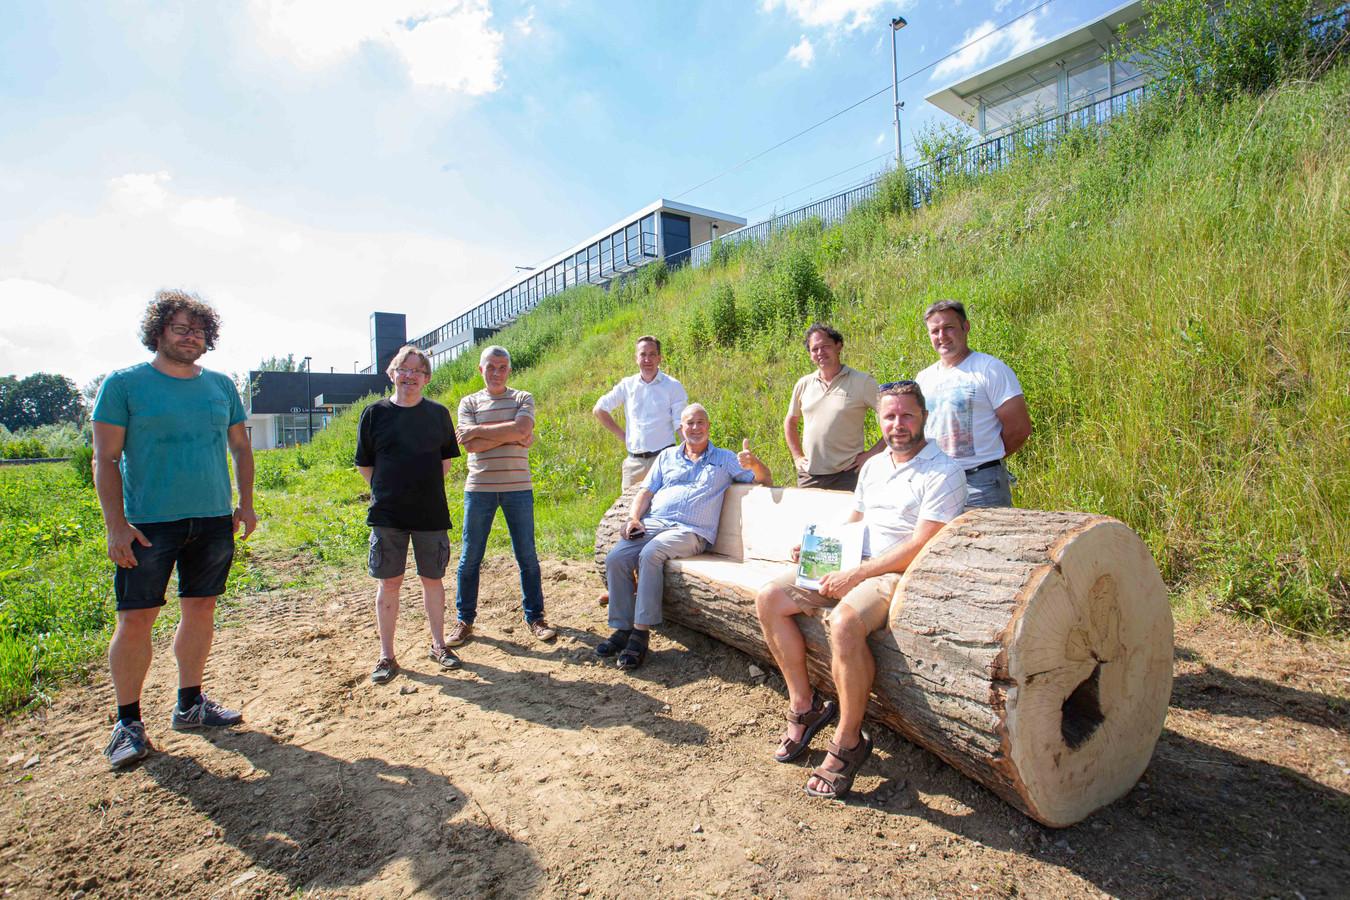 Leden van de gemeentebesturen, Natuurpunt-afdelingen, het Agentschap Natuur & Bos en Regionaal Landschap Pajottenland & Zennevallei bij de nieuwe natuurlijke zitbank aan het station van Liedekerke.